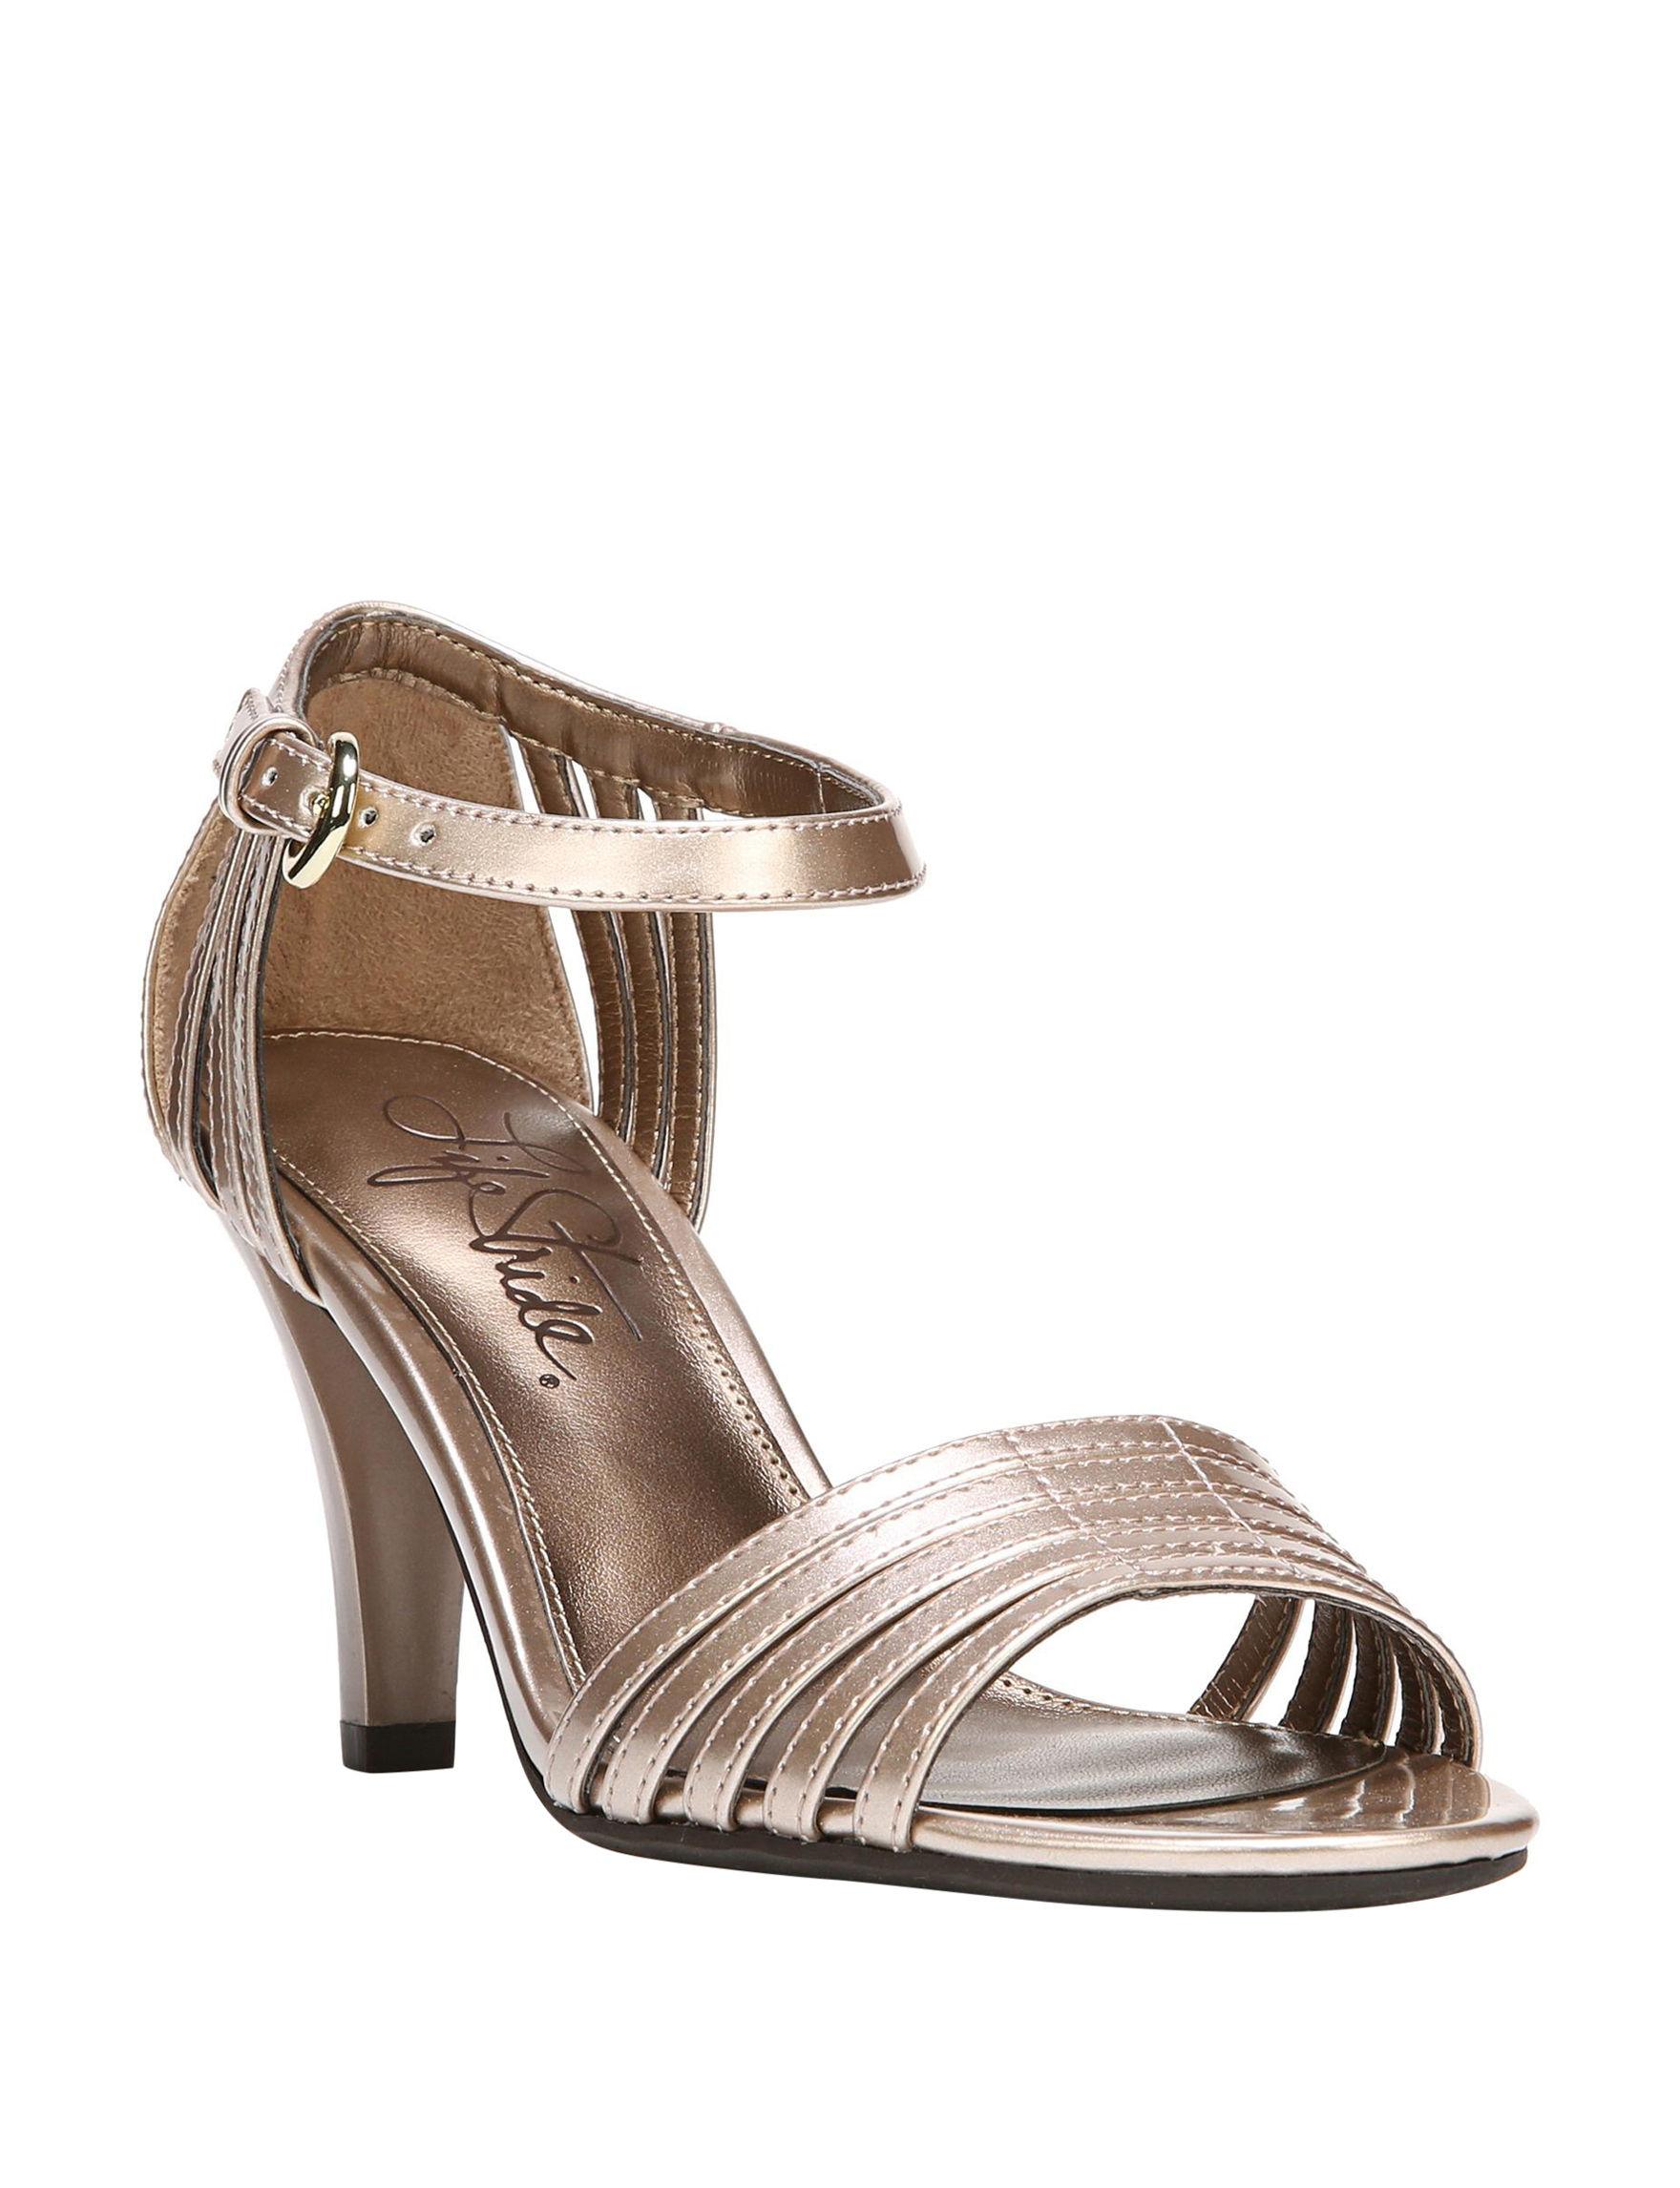 Lifestride Rose Heeled Sandals